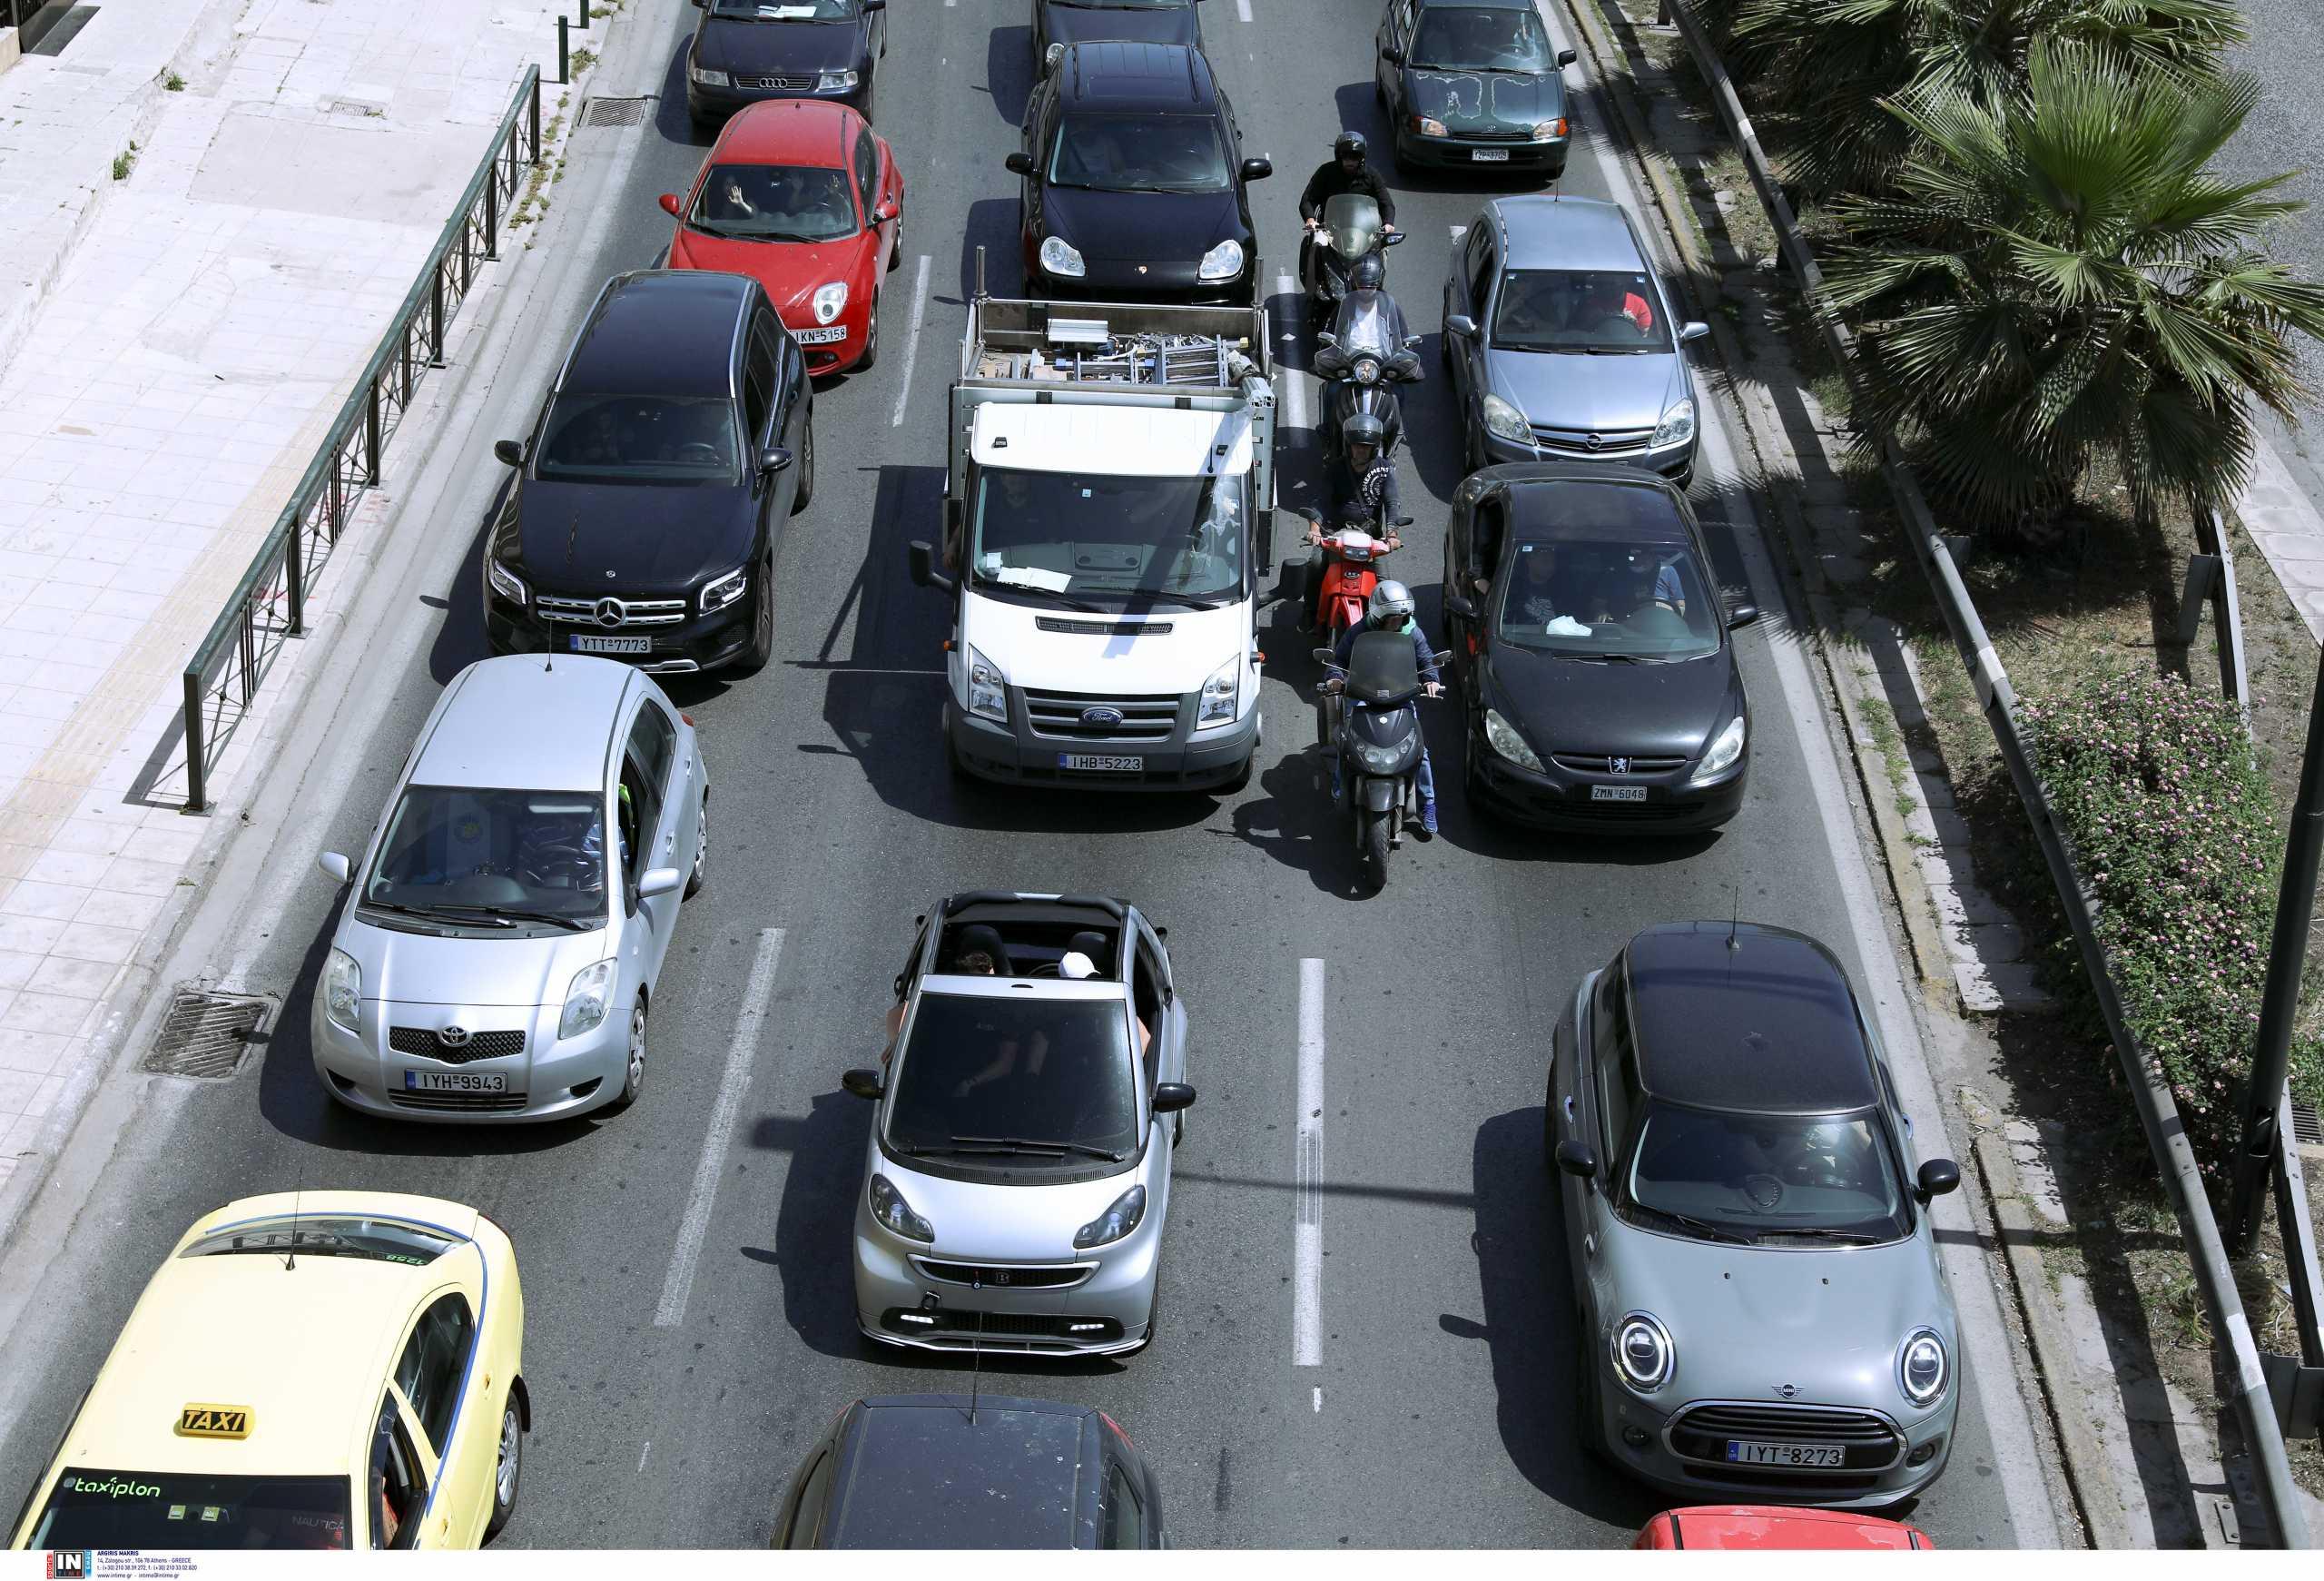 Αυξημένη η κίνηση στους δρόμους – Δείτε που έχει μποτιλιάρισμα (pic)